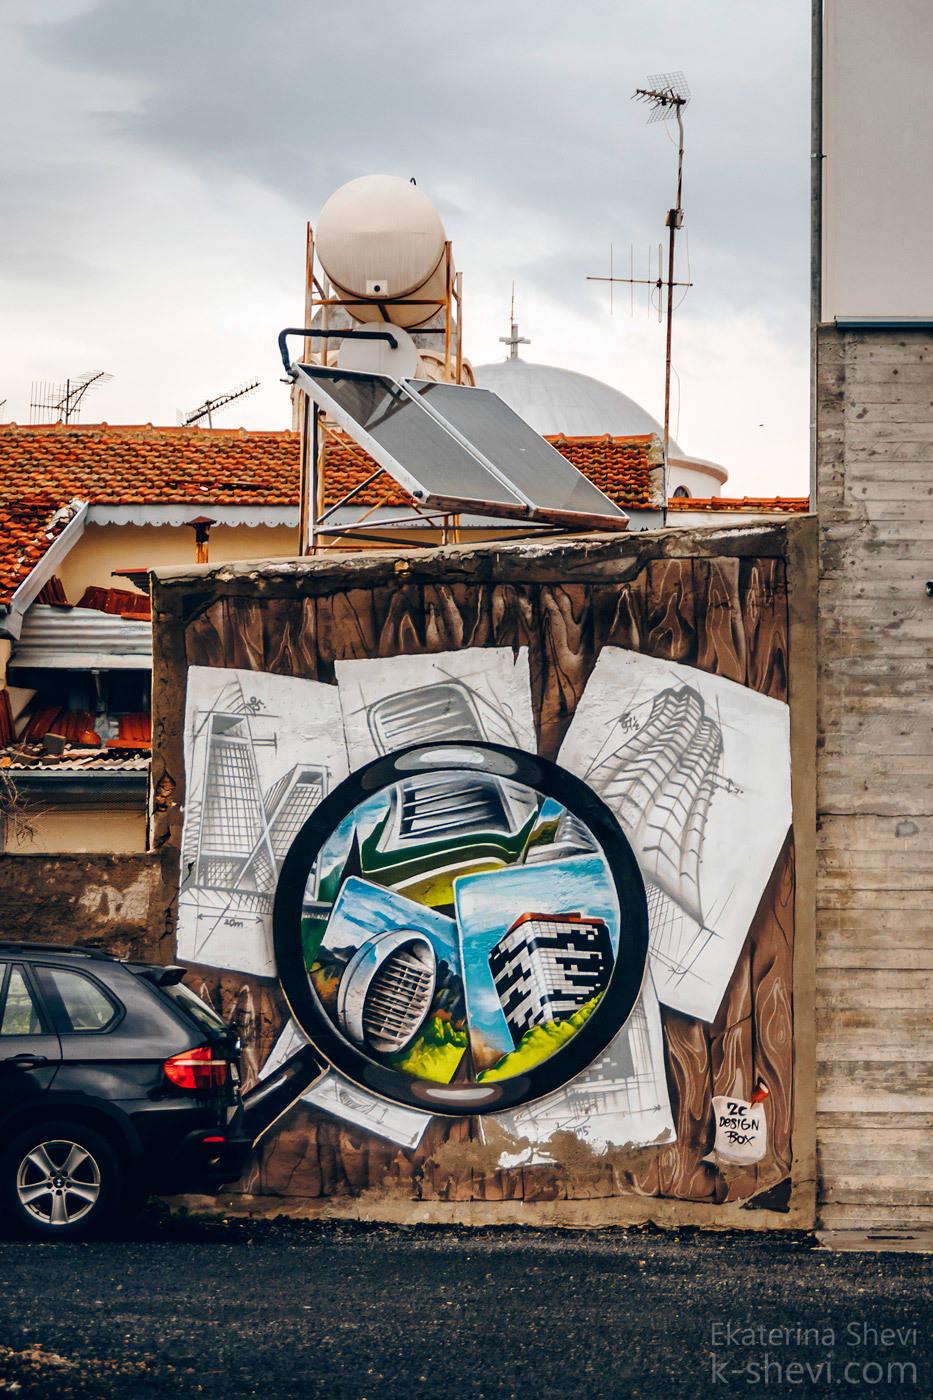 Стены вместо холста? Раньше этим баловались подростки- сейчас- это серьезная работа серьезных художников.